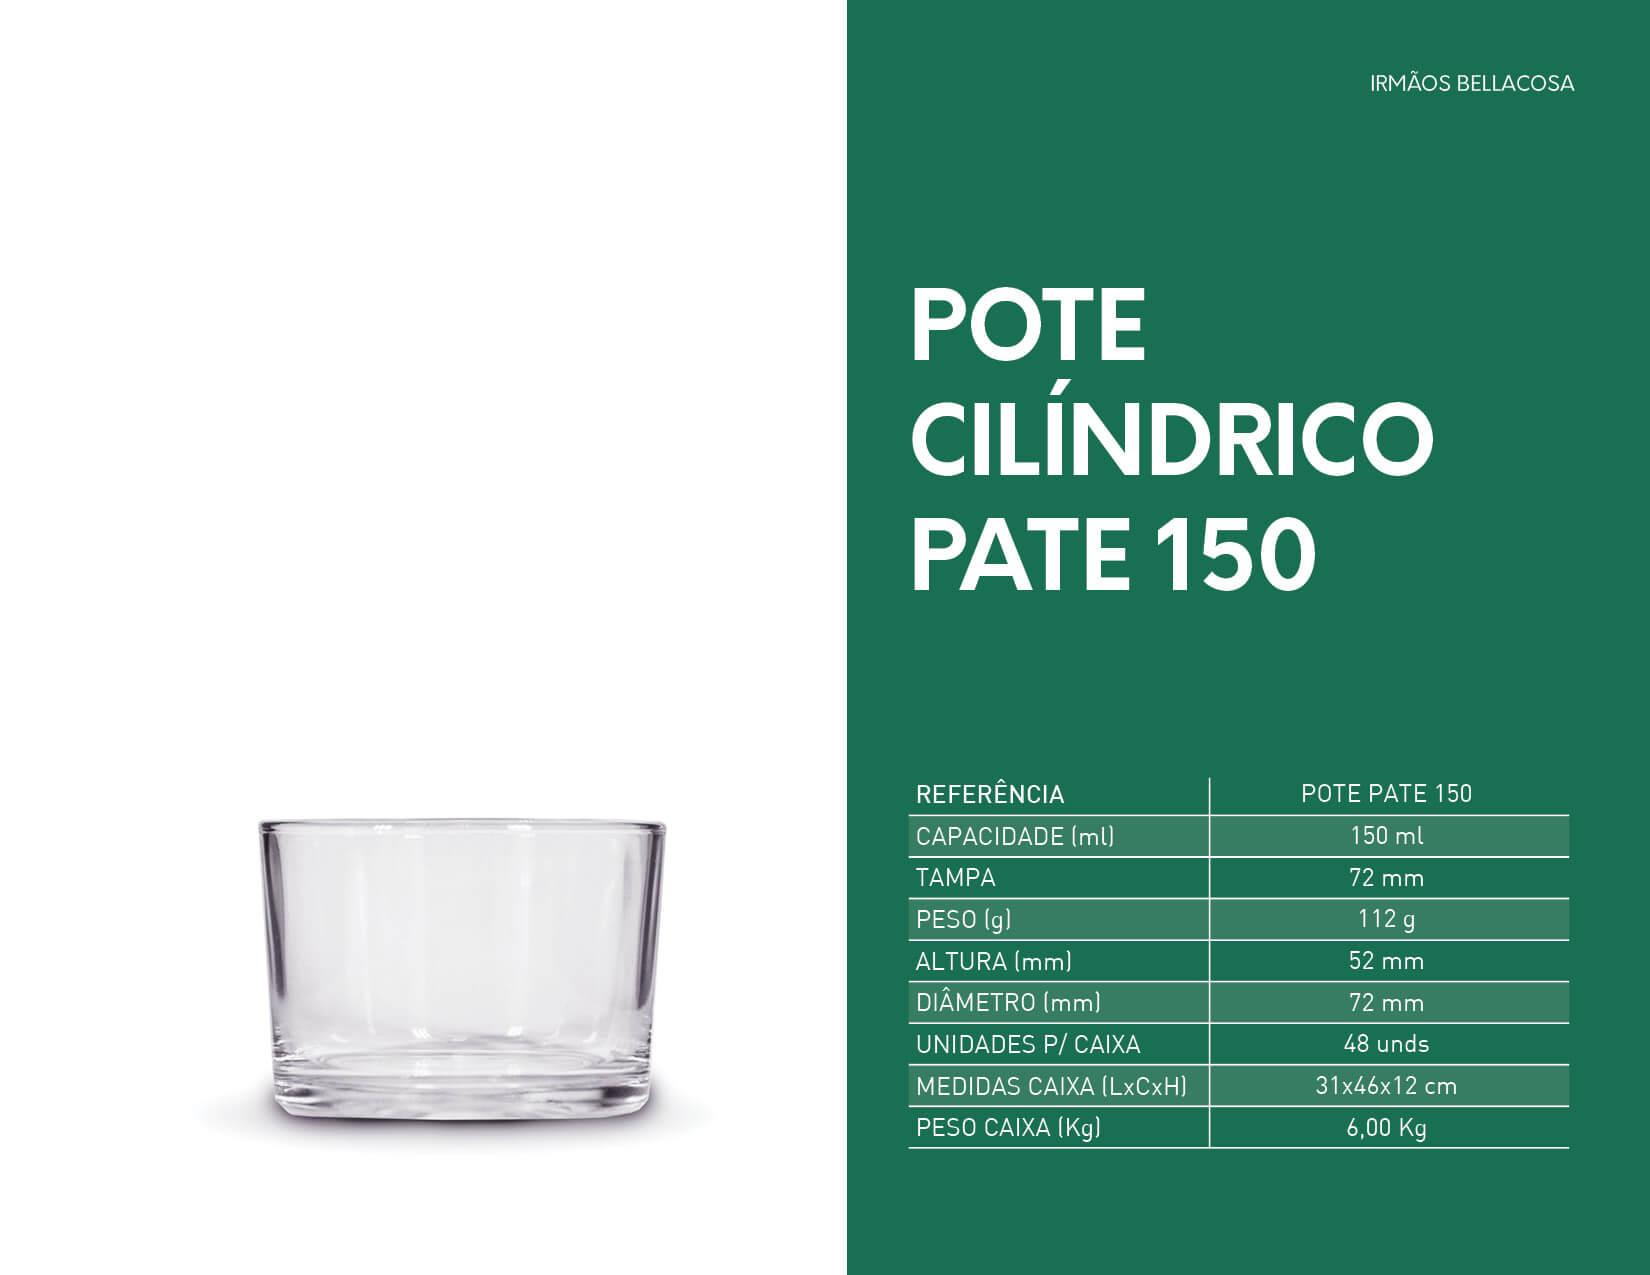 016-Pote-Cilindrico-Pate-150-irmaos-bellacosa-embalagens-de-vidro